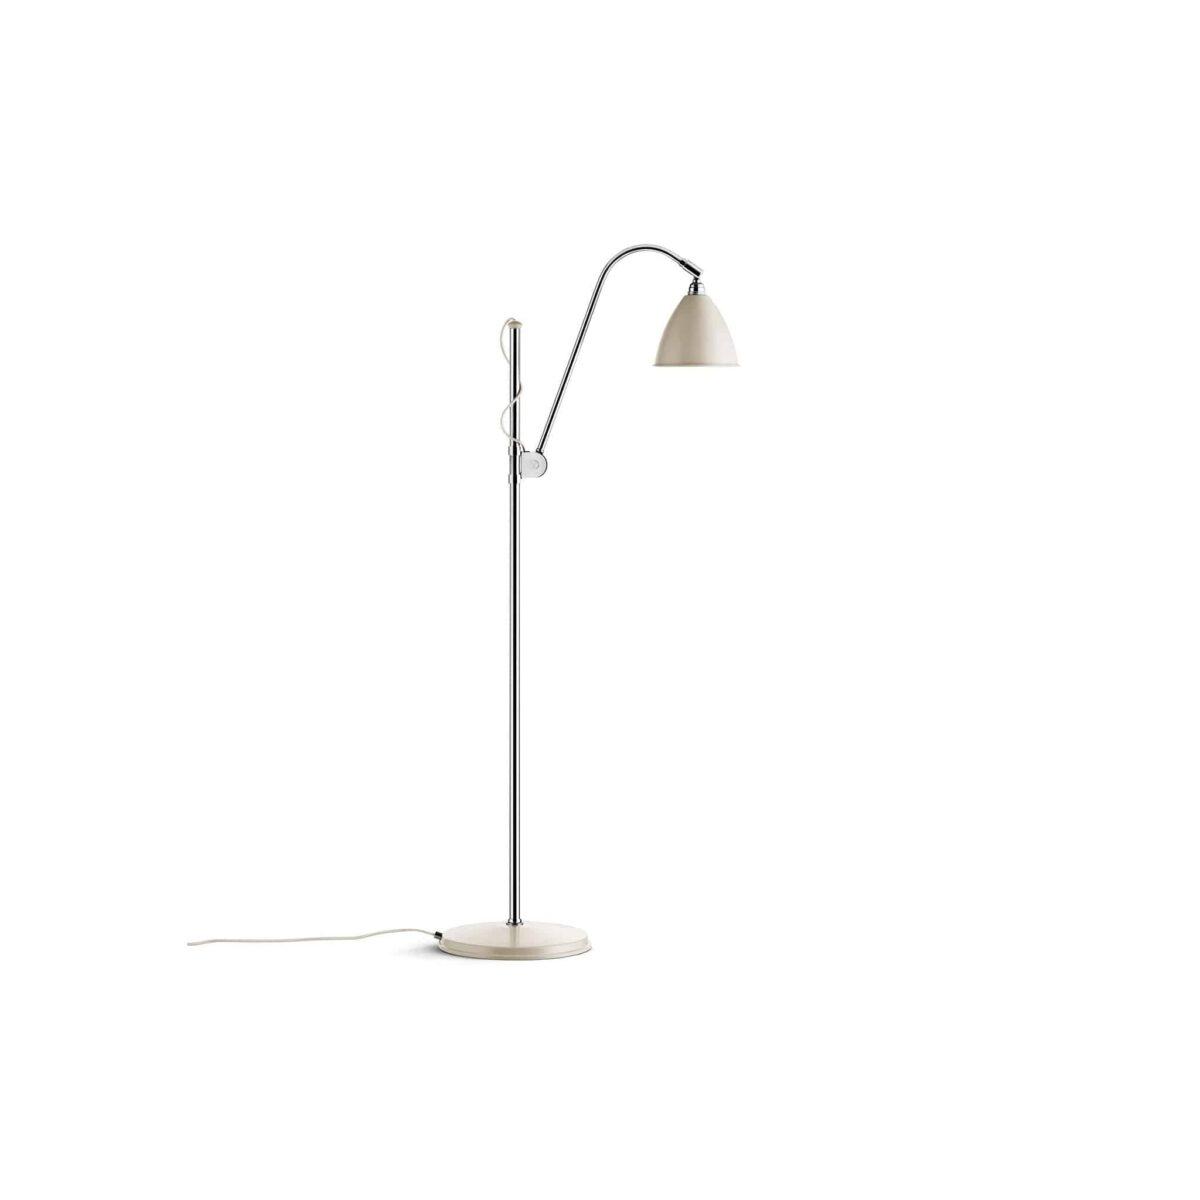 gubi-bestlite-floor-lamp-BL3-S-off-white-chrome-001